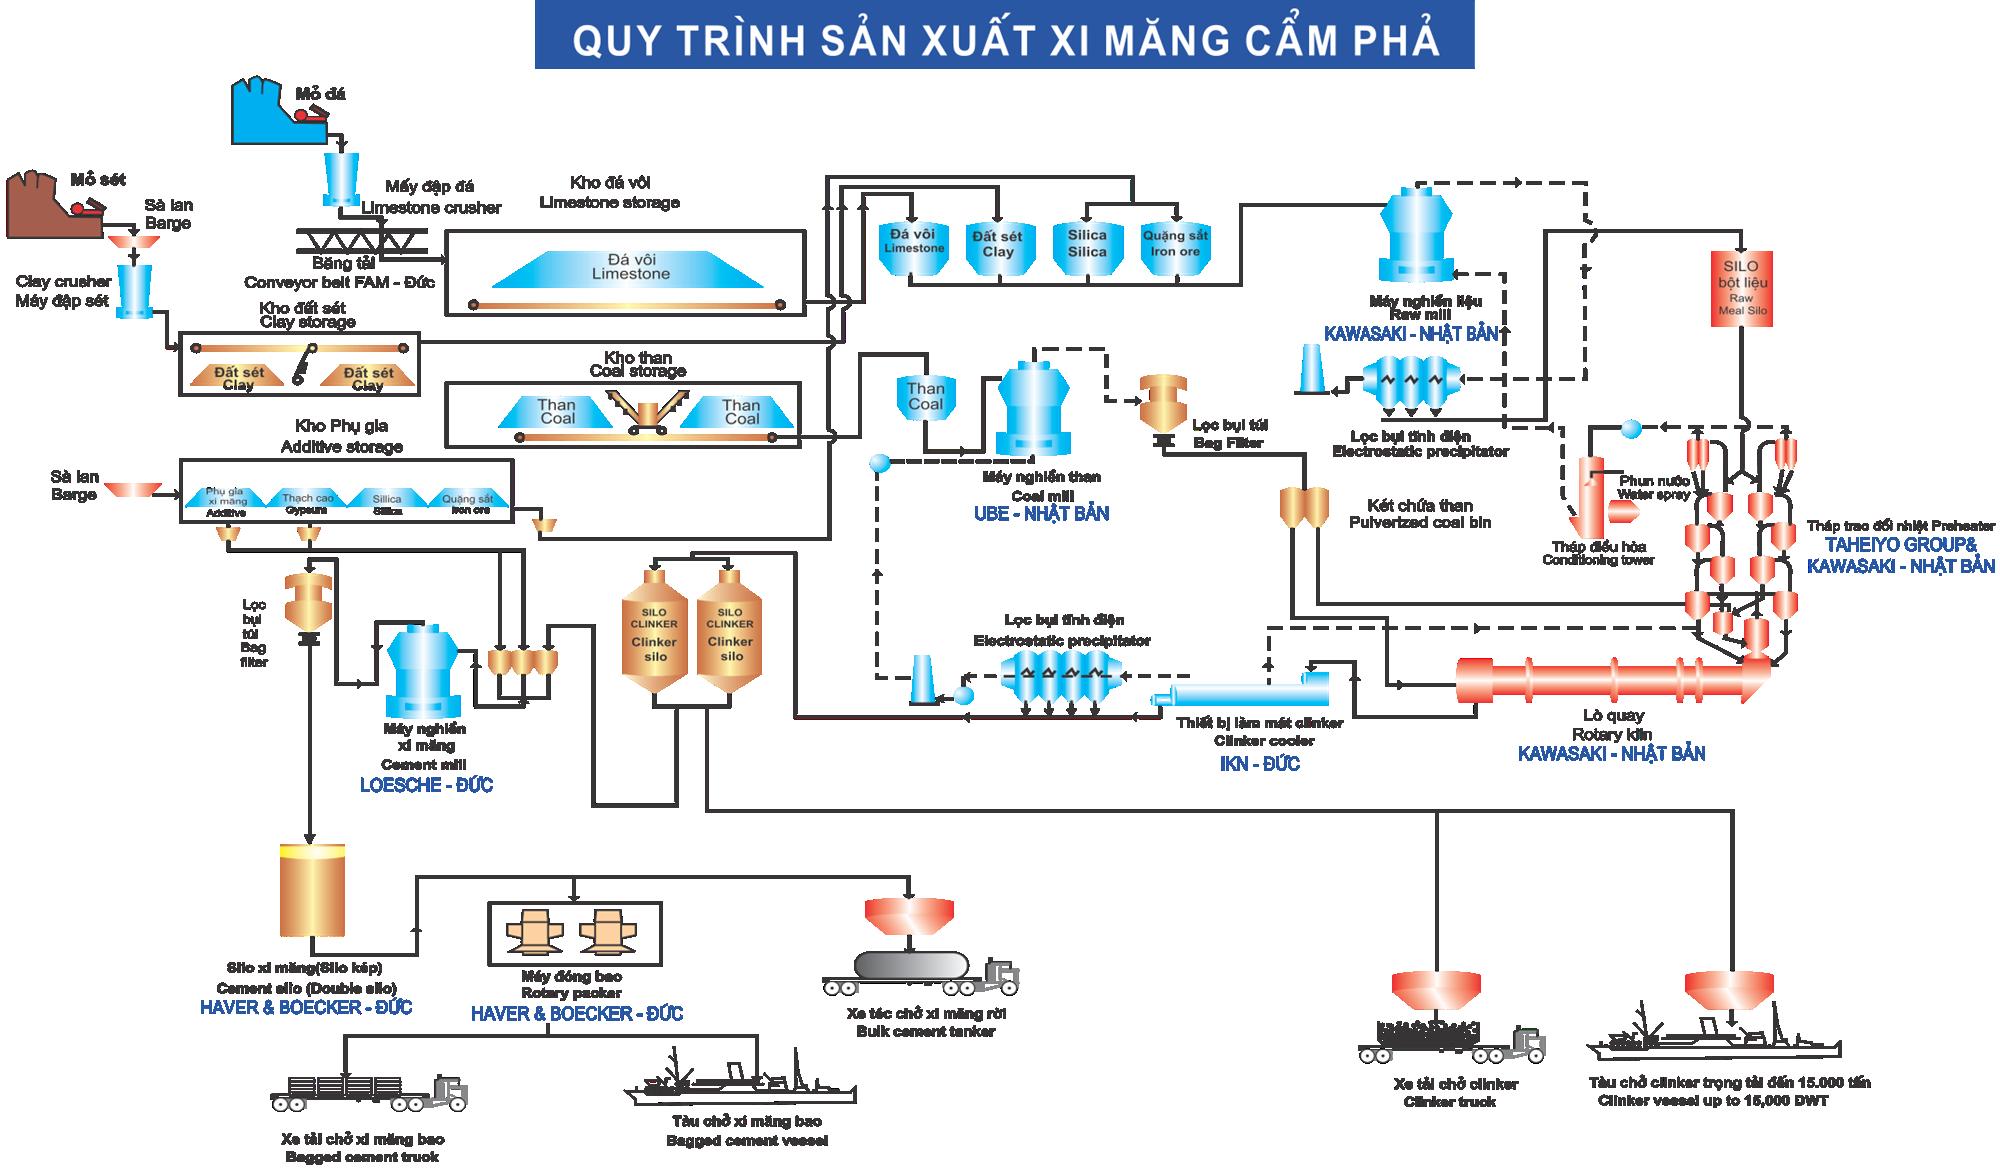 Sơ đồ quy trình sản xuất xi măng